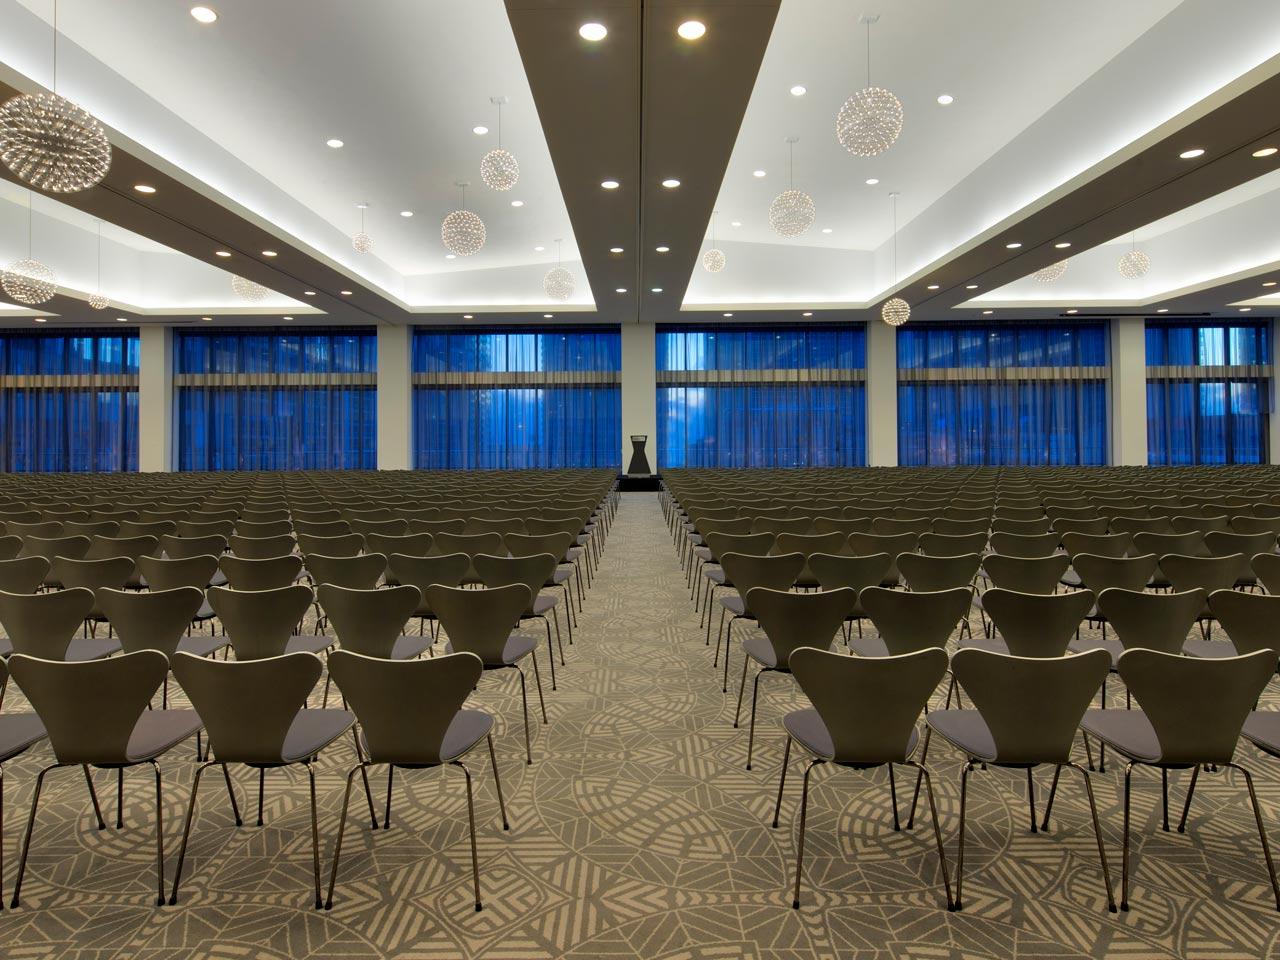 Radisson Blu Meeting Room